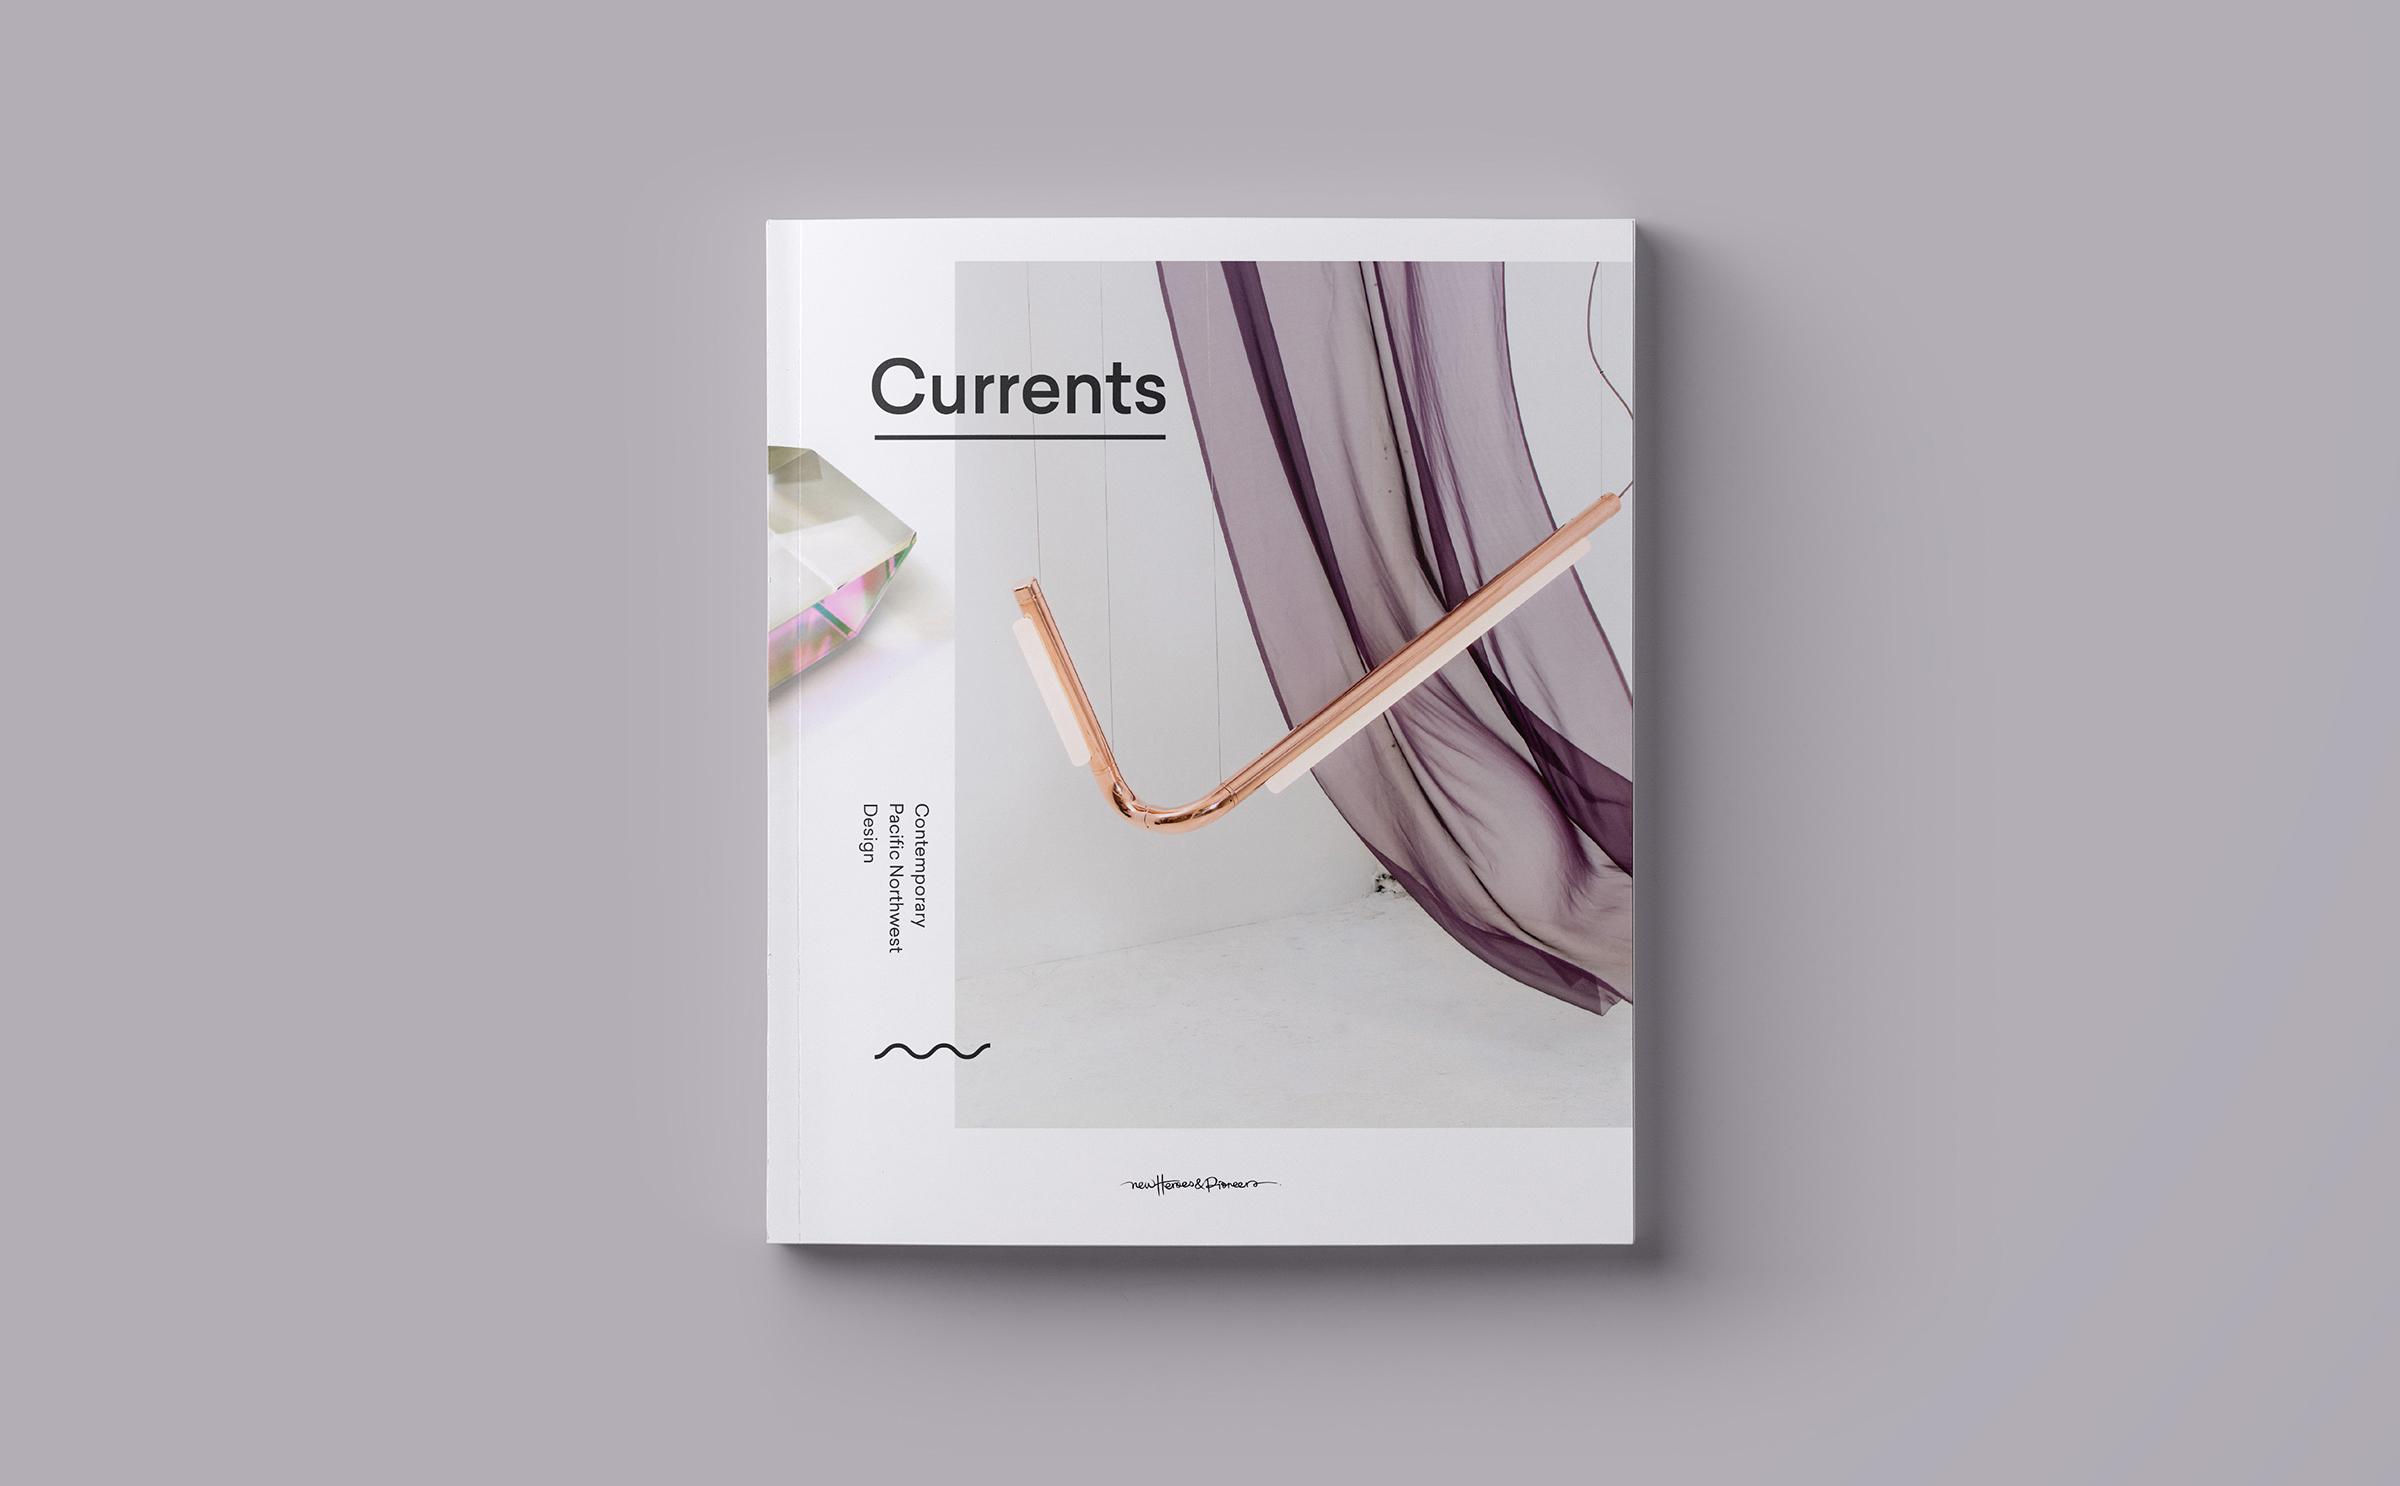 Currents_Pacific-Northwest-Design_IDS_book_daniel-zachrisson_0.jpg